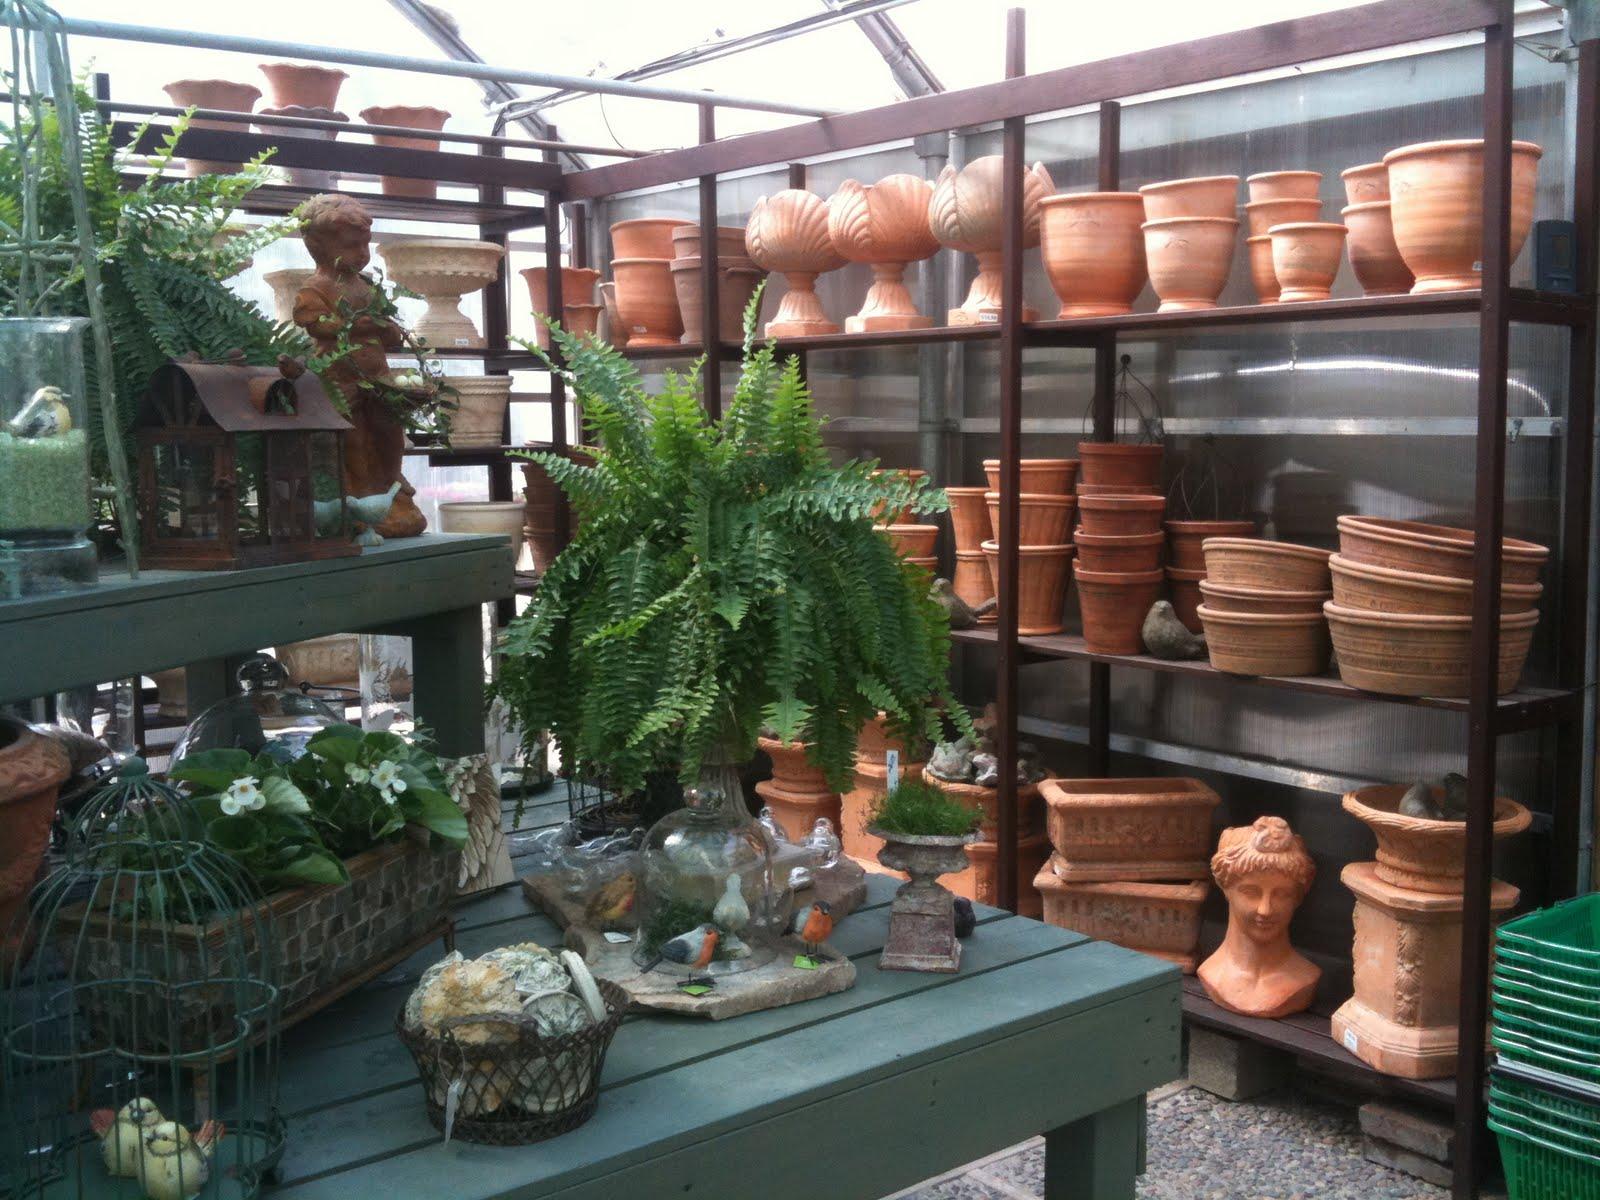 Napa Home And Garden 28 Images Napa Home Garden Delray